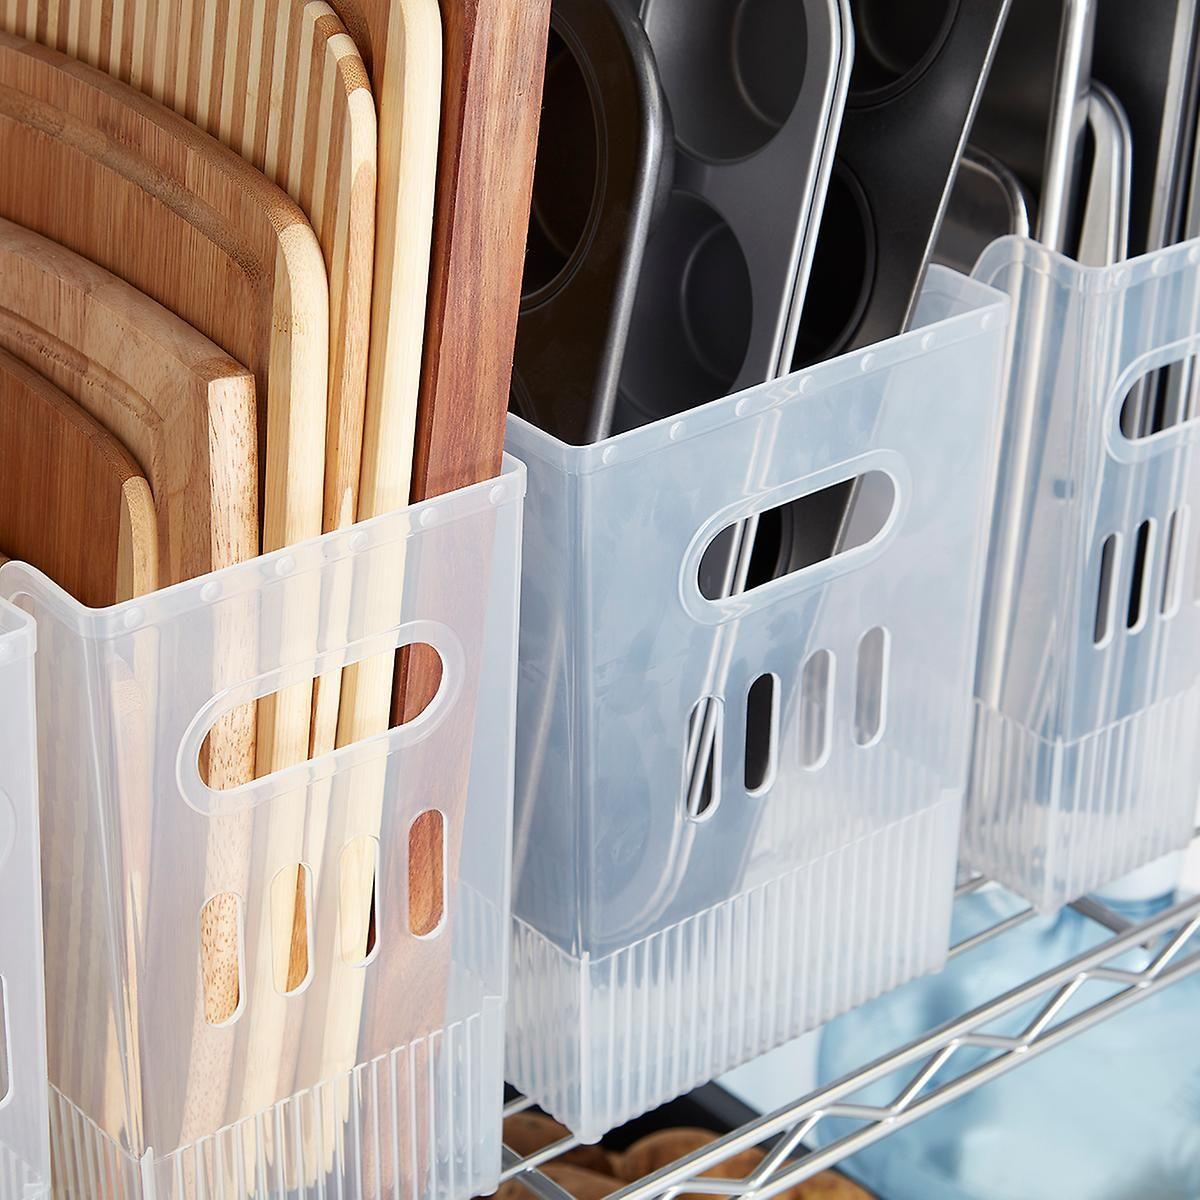 Multi-Purpose Bins | The Container Store #cabinetorganization